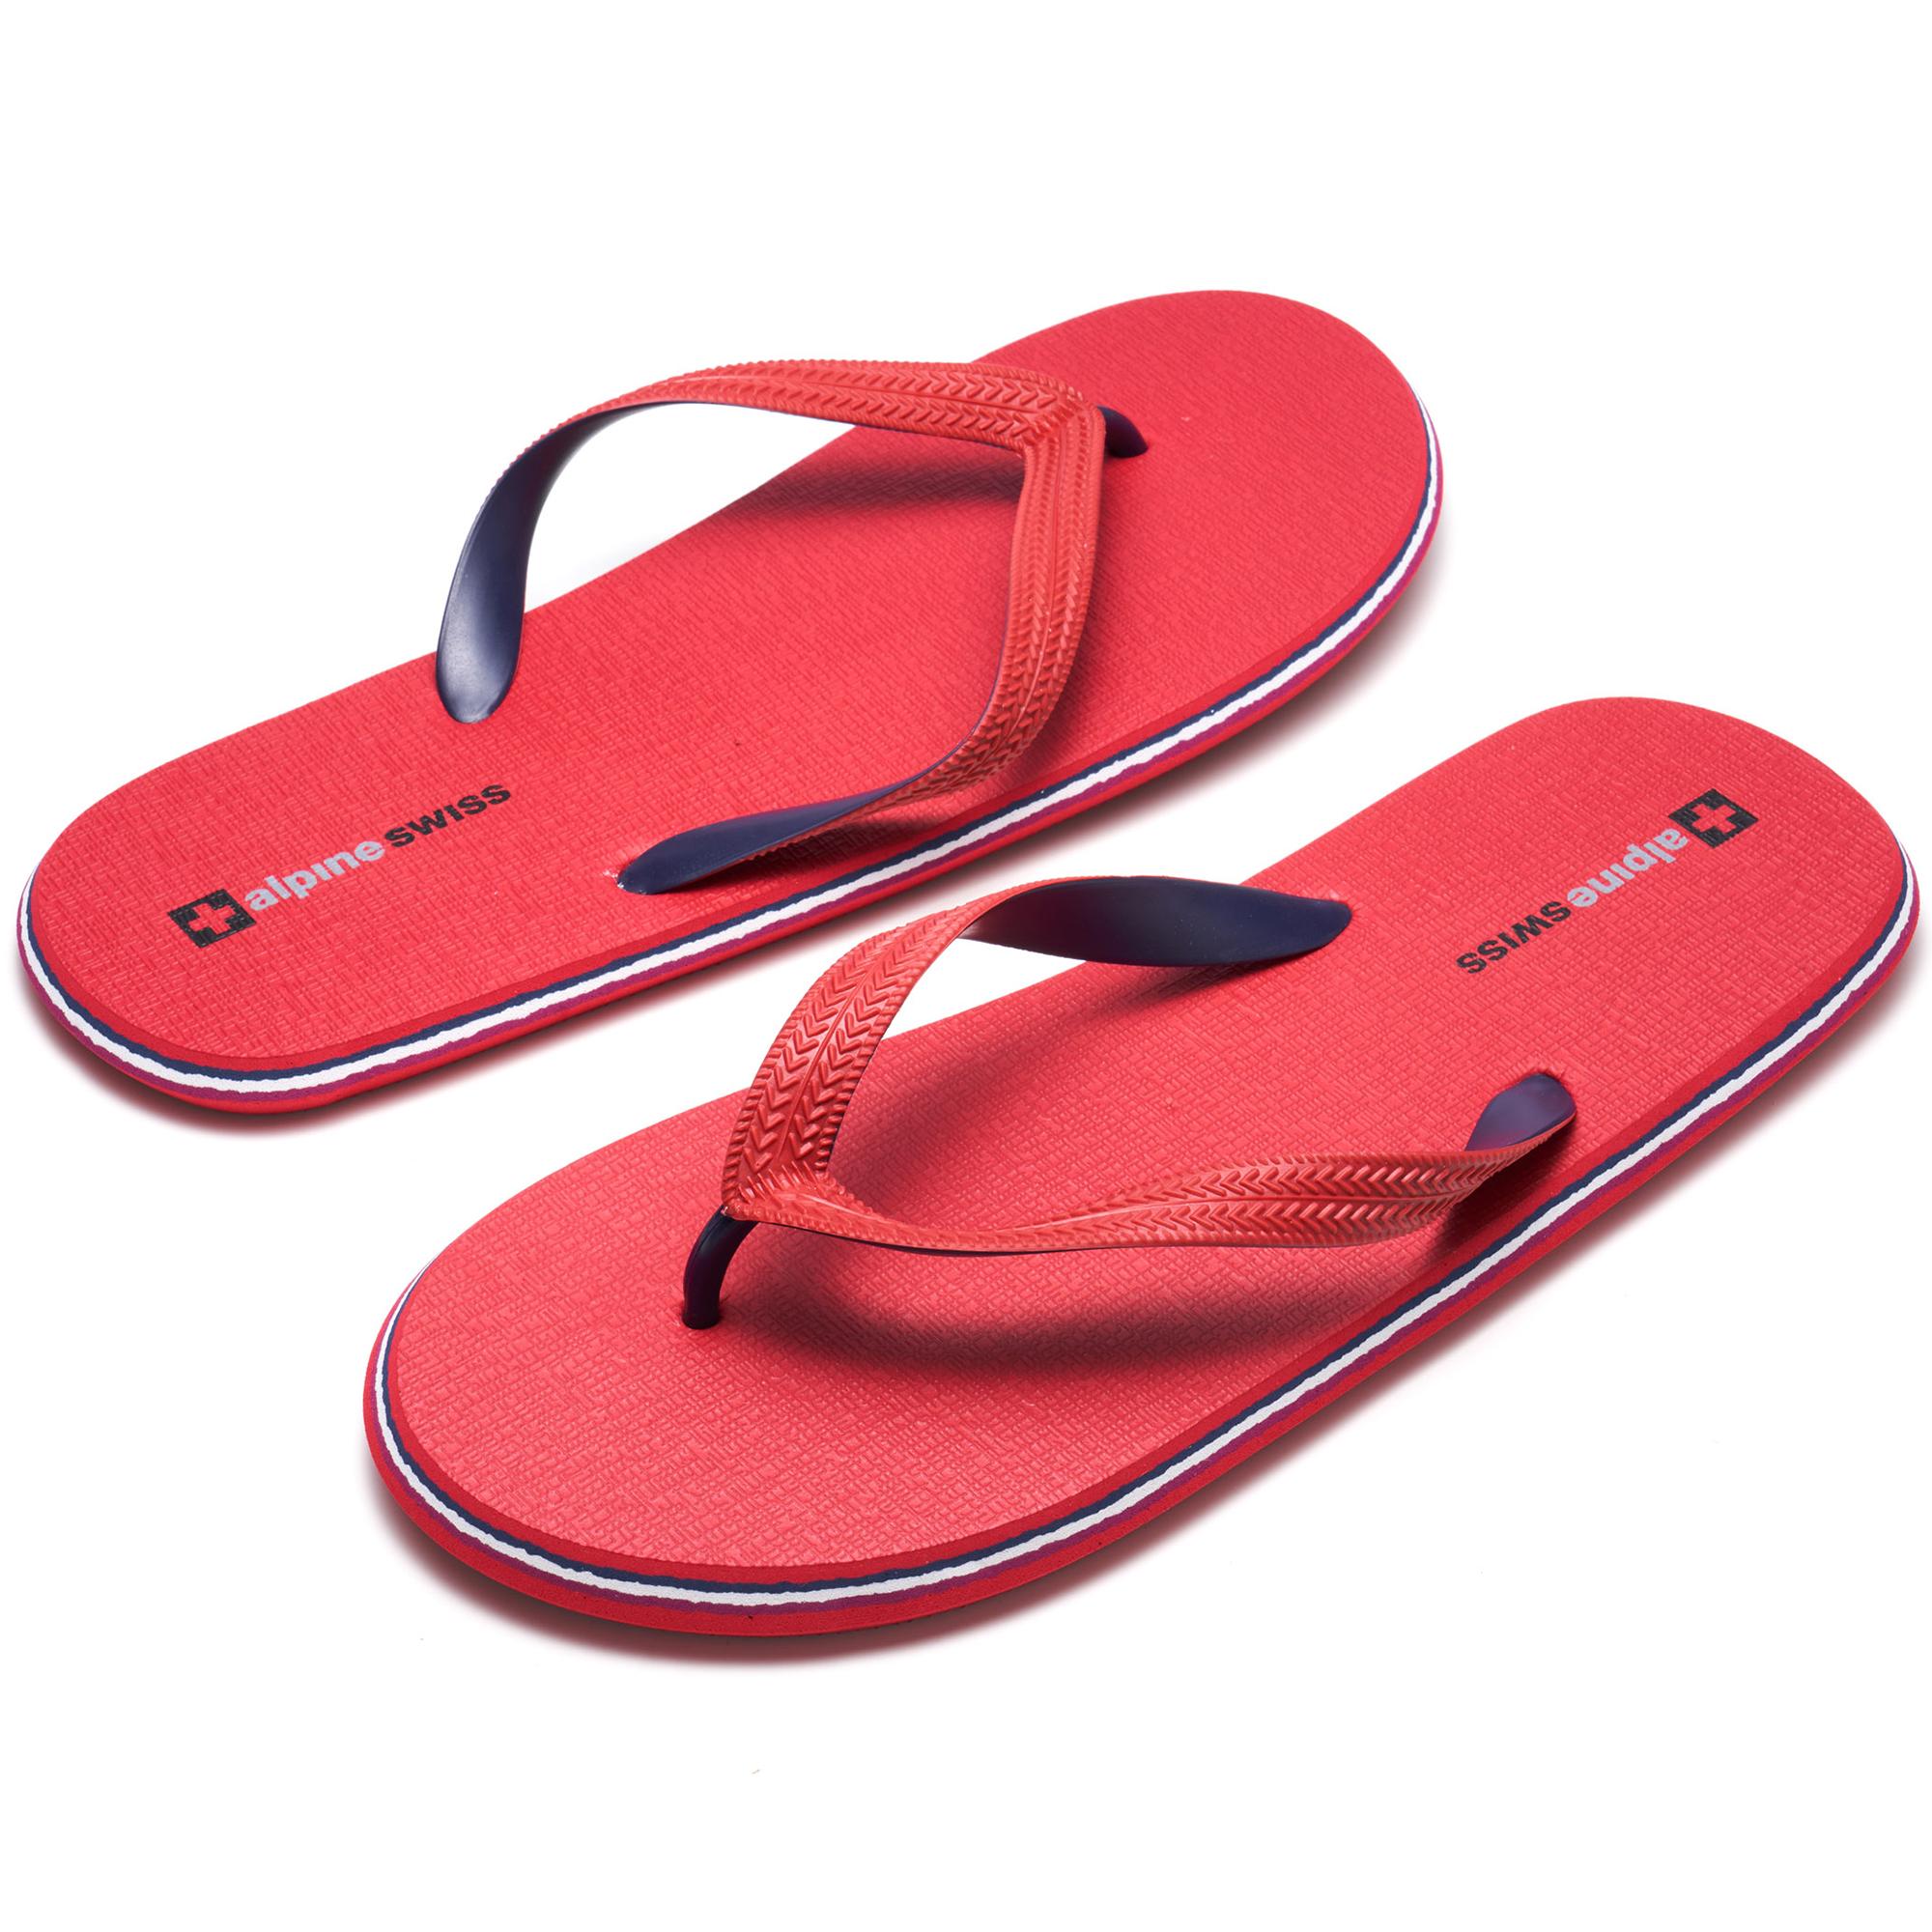 Alpine-Swiss-Mens-Flip-Flops-Beach-Sandals-Lightweight-EVA-Sole-Comfort-Thongs thumbnail 35